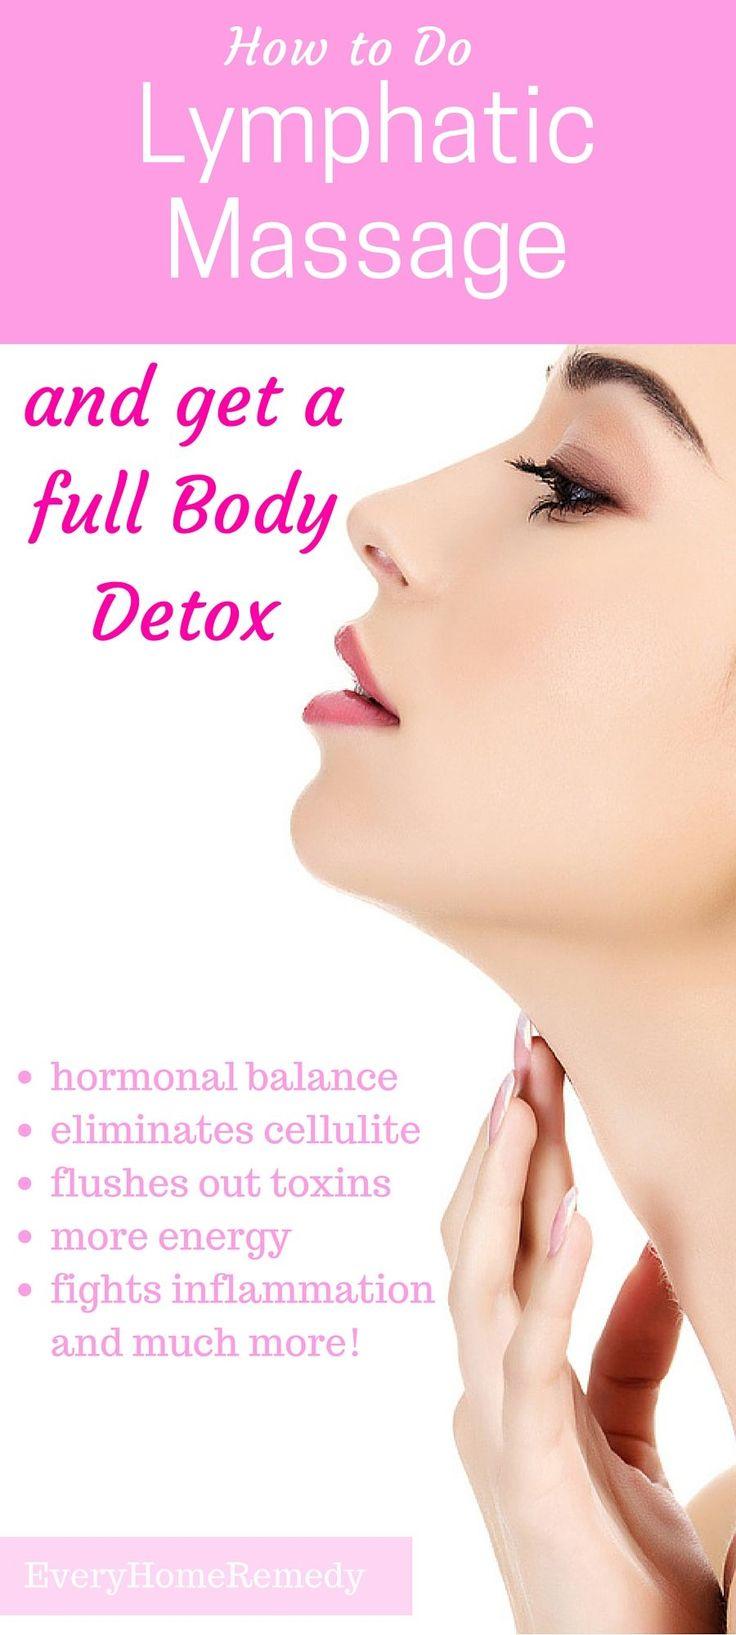 33 Bedste sundhedsorgan Brushing, Dry Brushing Skin-4394